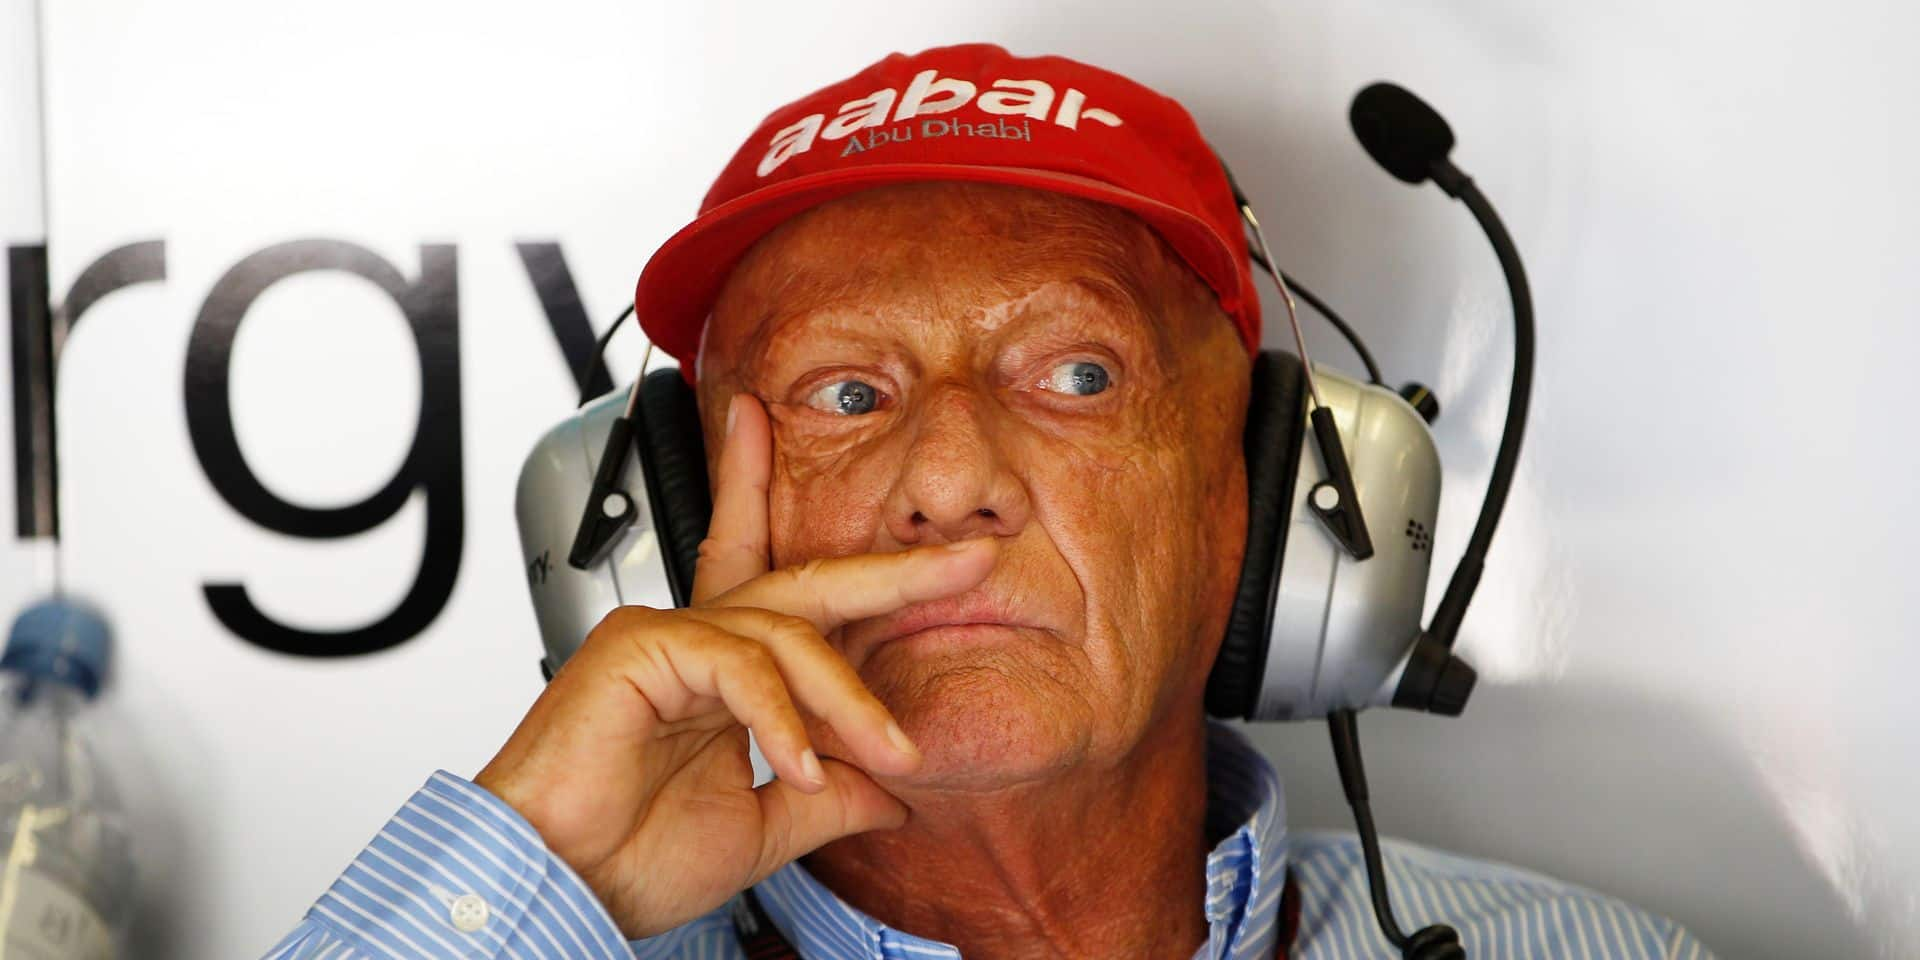 Retours sur les déclarations chocs de Niki Lauda